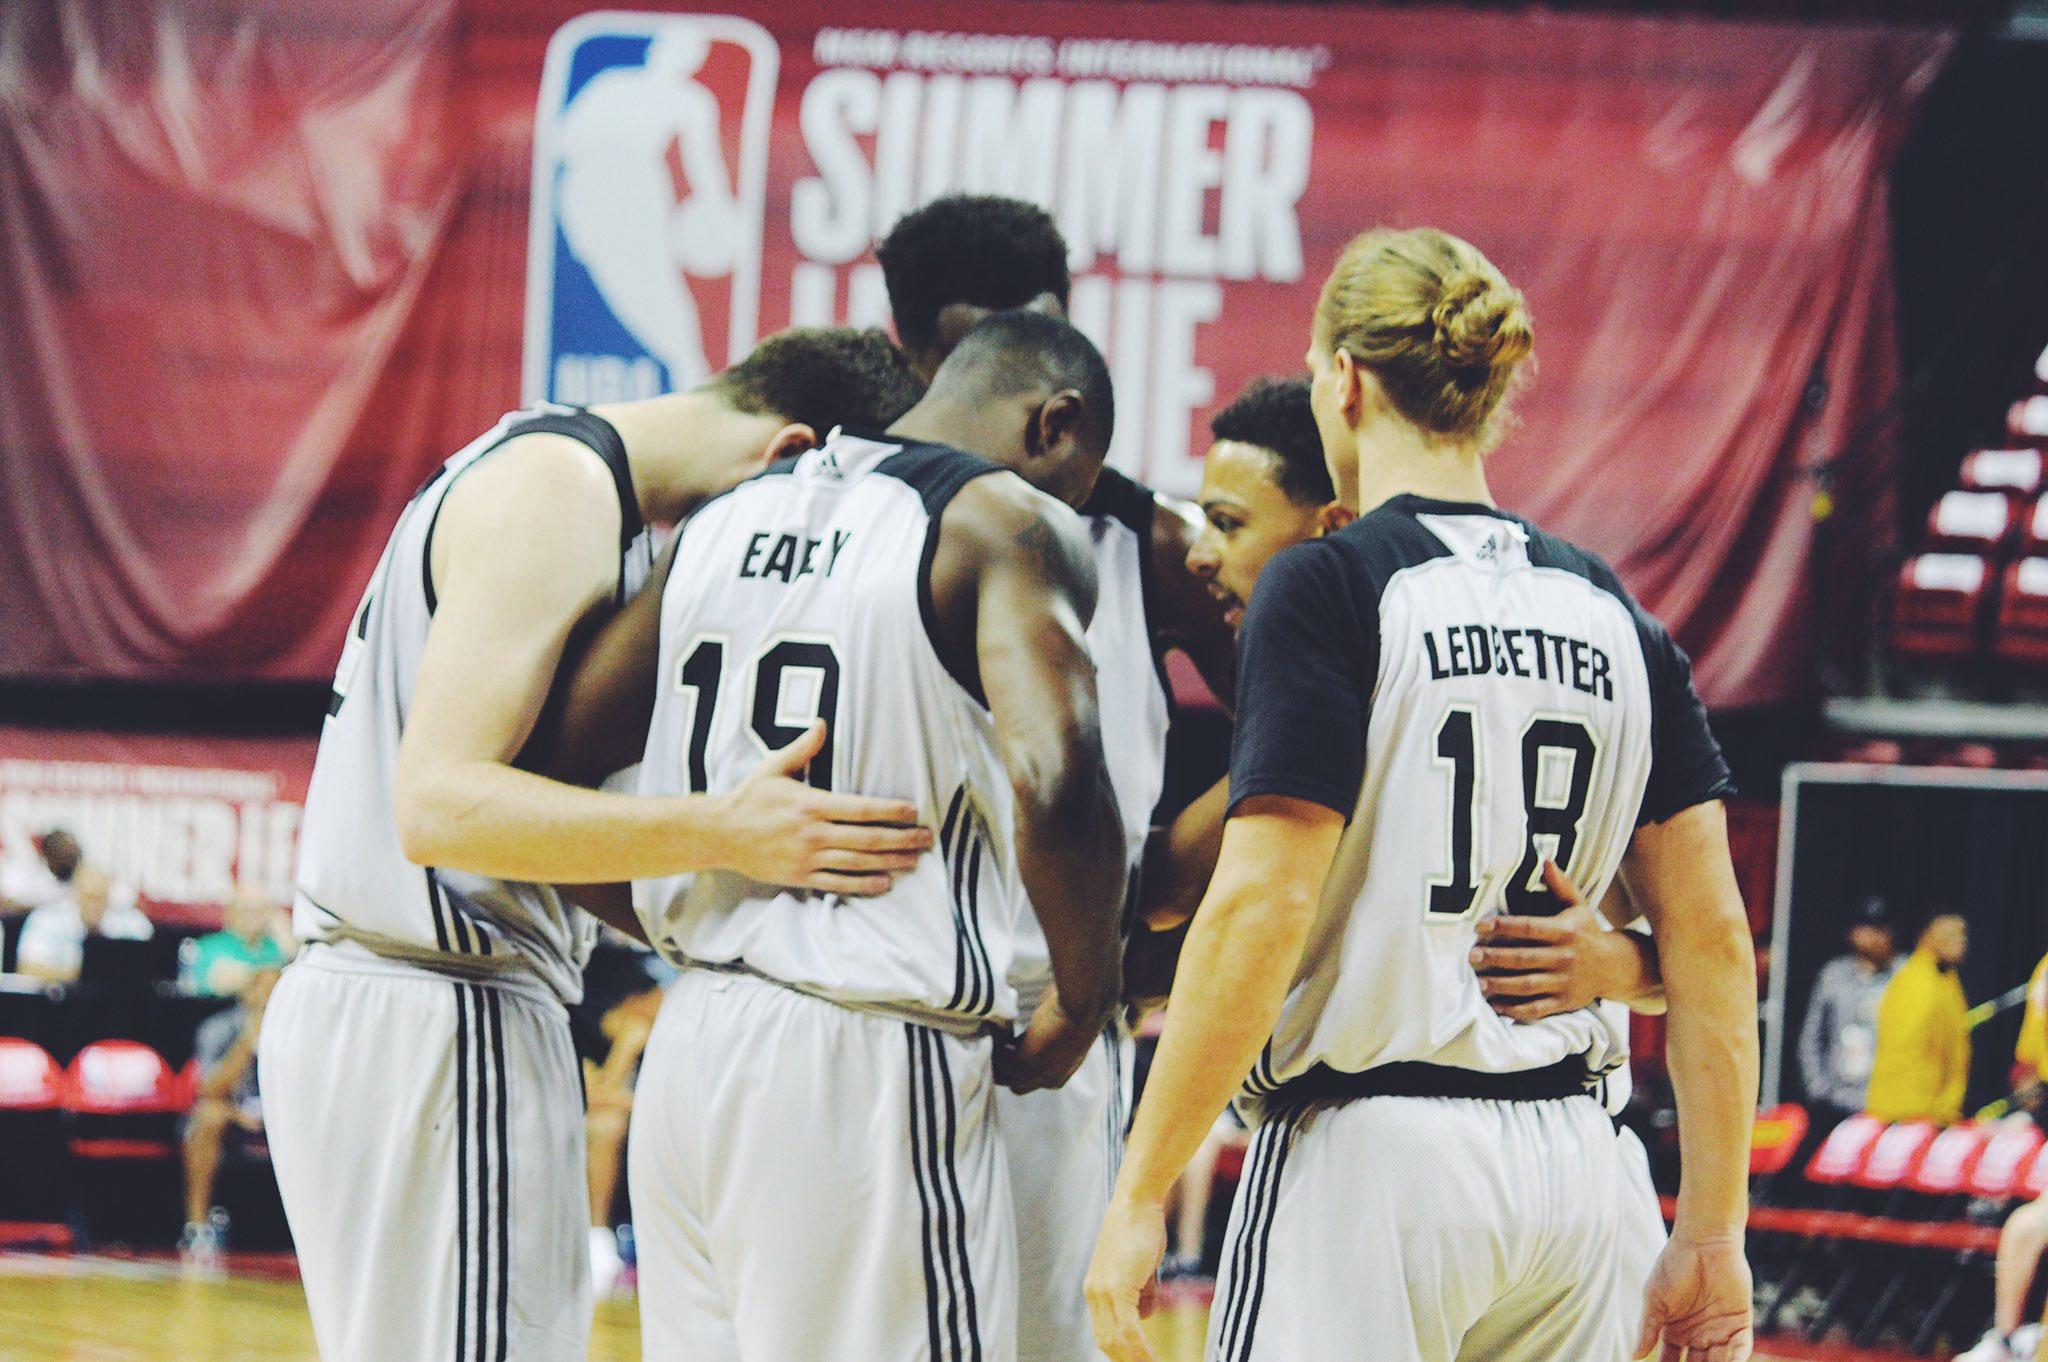 Halftime.   #SummerSpurs 40 |  Blazers 47 https://t.co/MNYn15qtJS